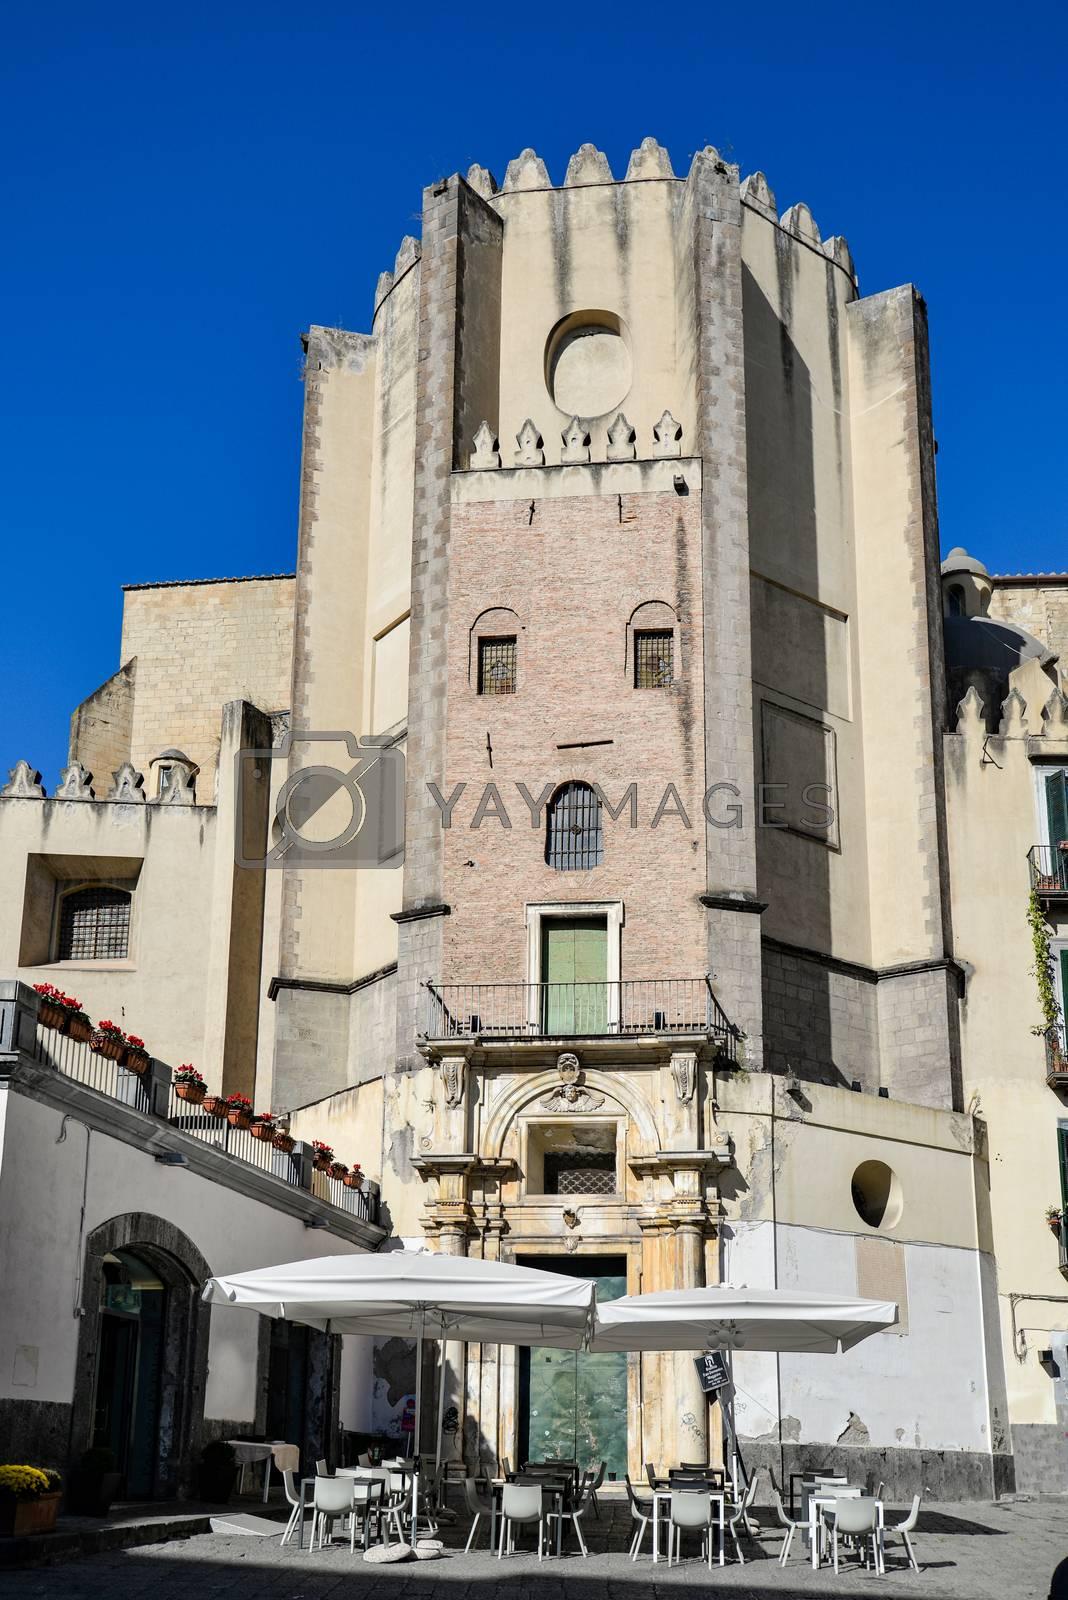 San Domenico Maggiore, one of the main churches in Naples, Italy